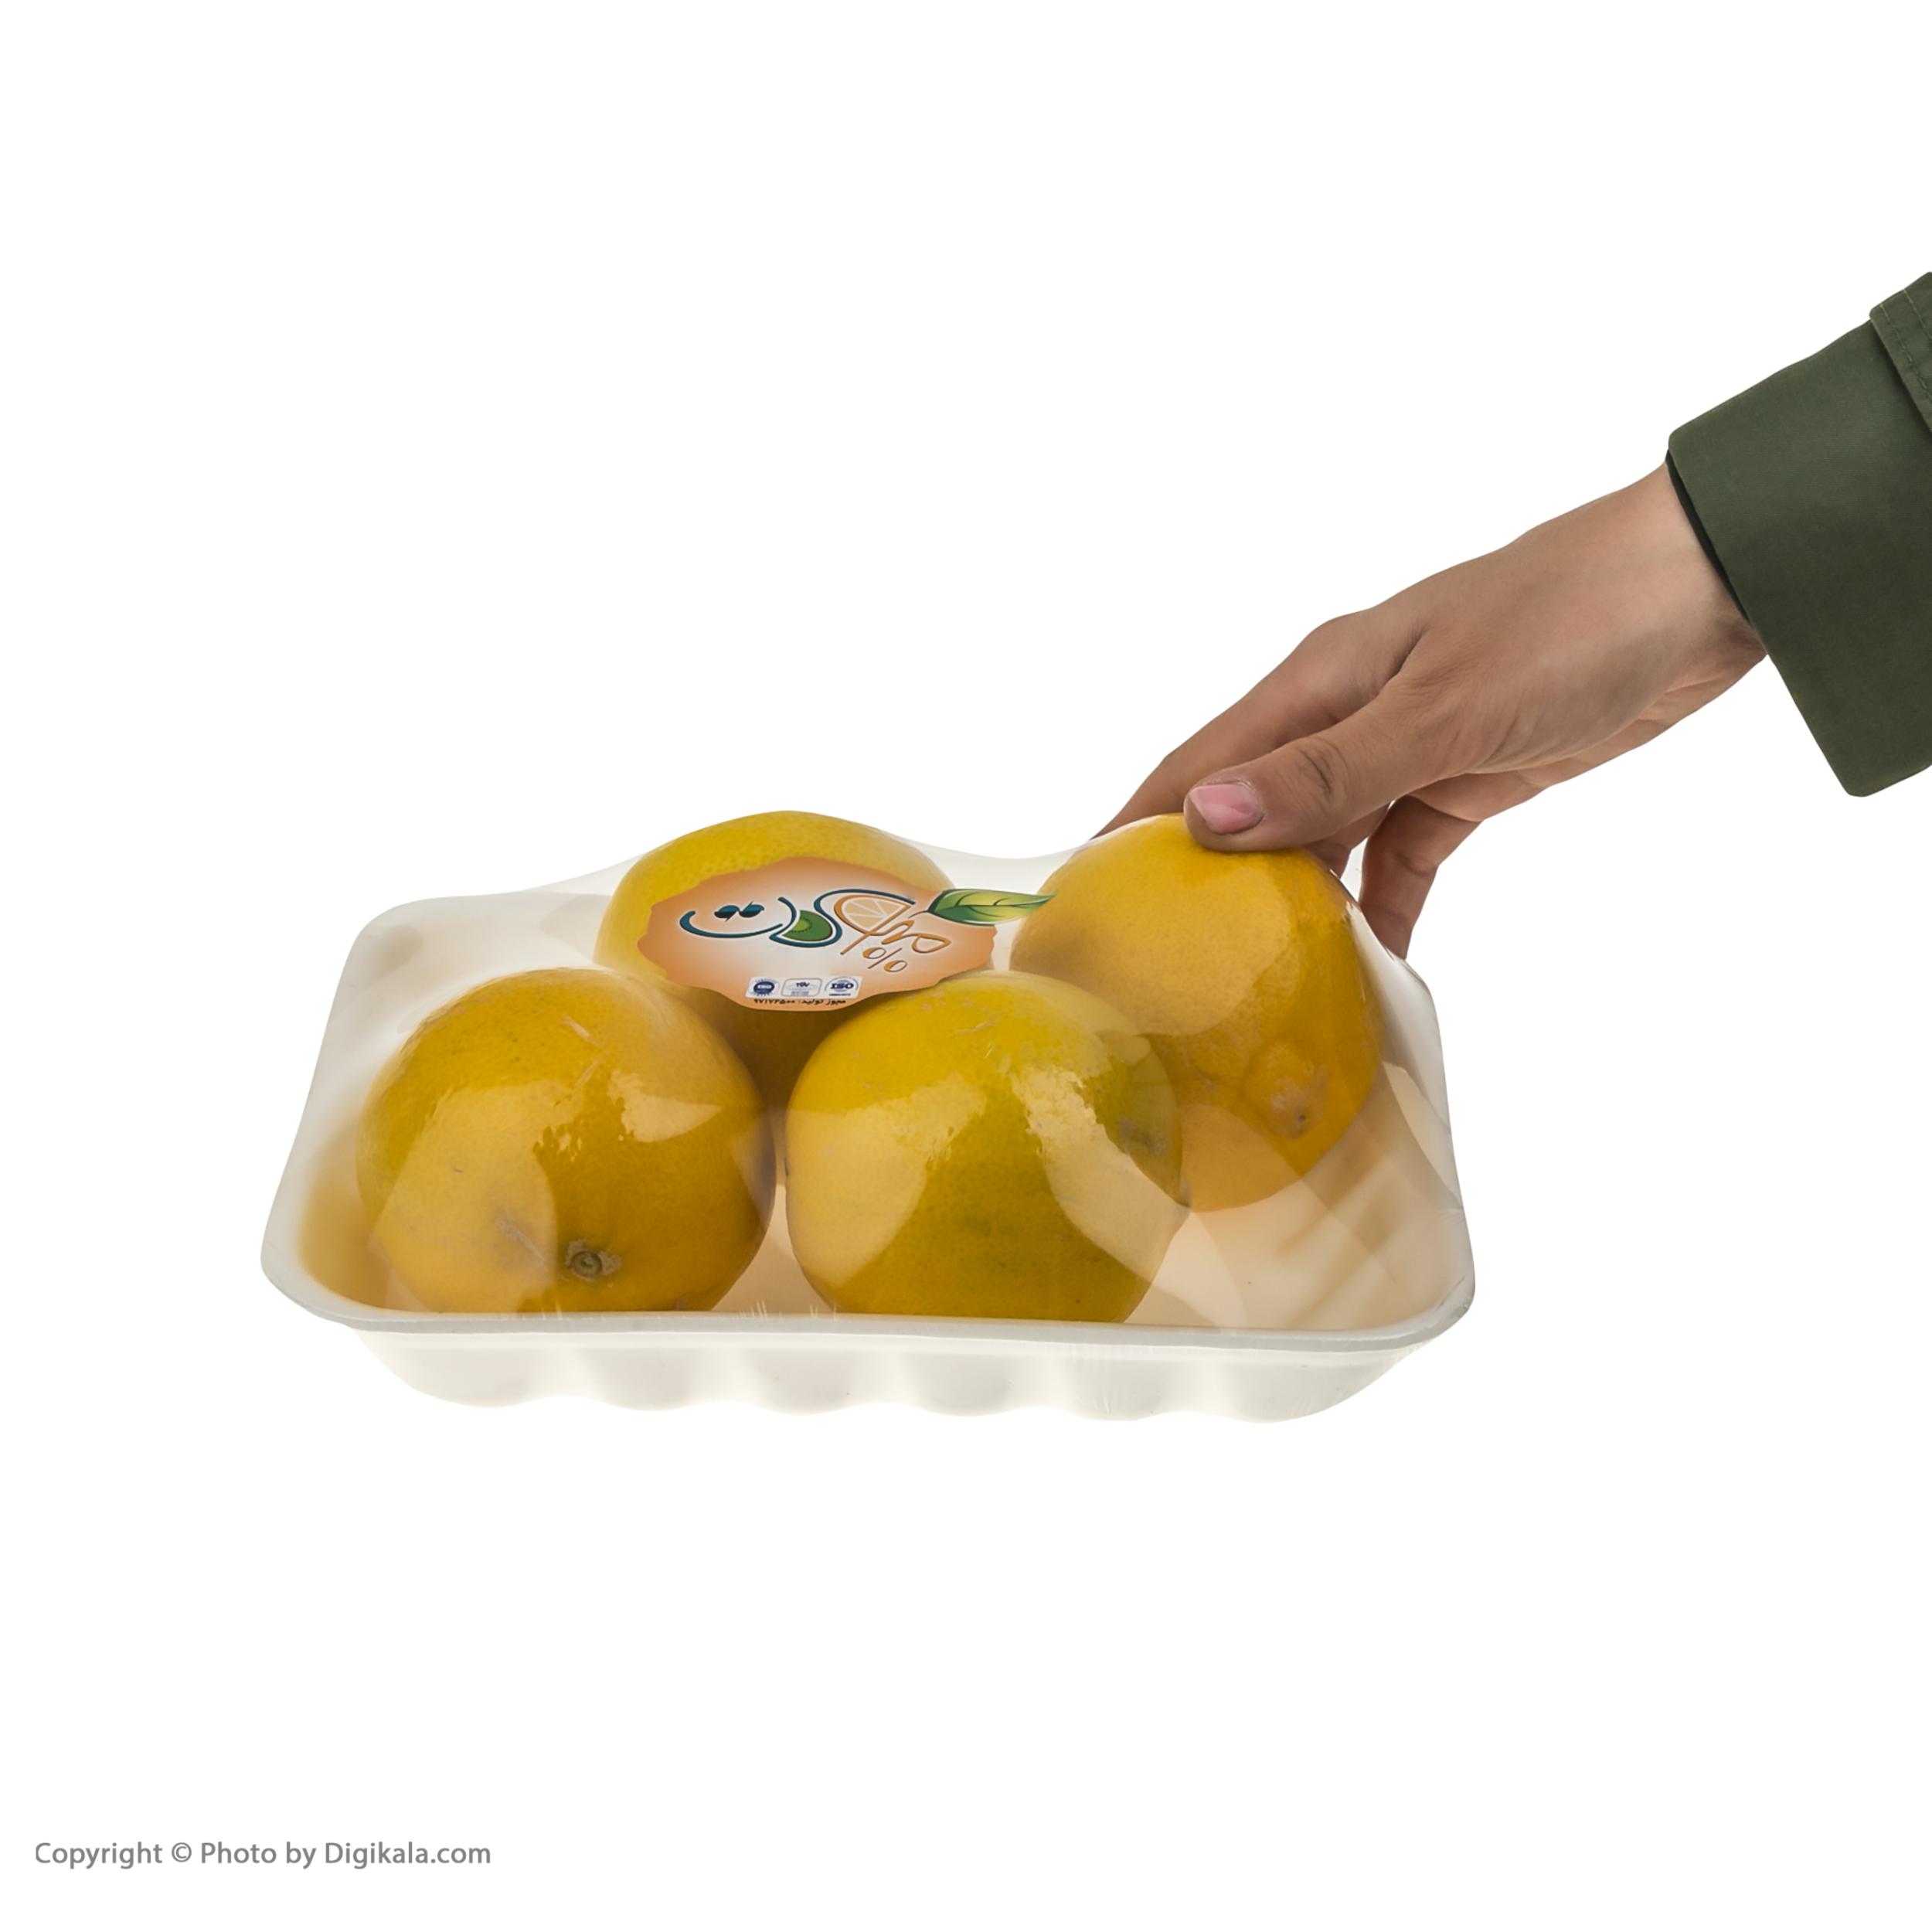 لیمو شیرین میوکات - 1 کیلوگرم main 1 4